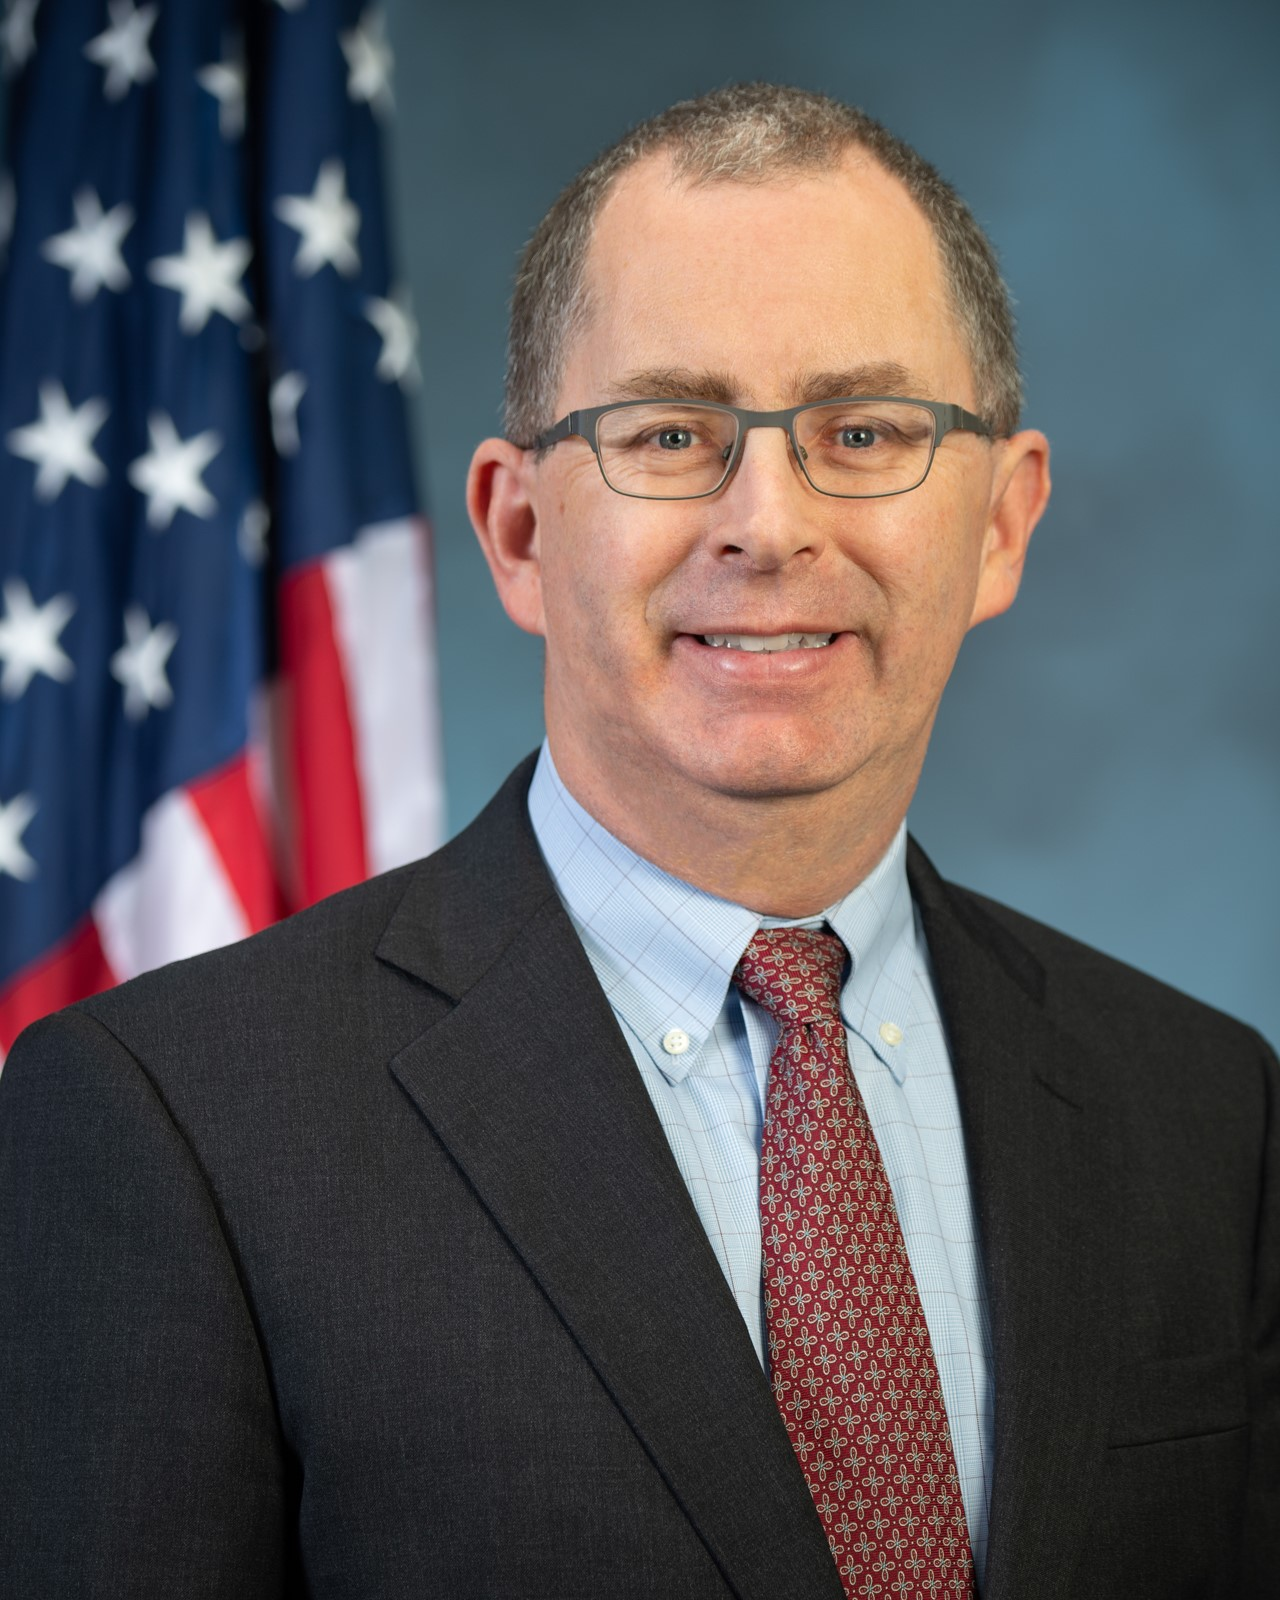 Toby Halliday